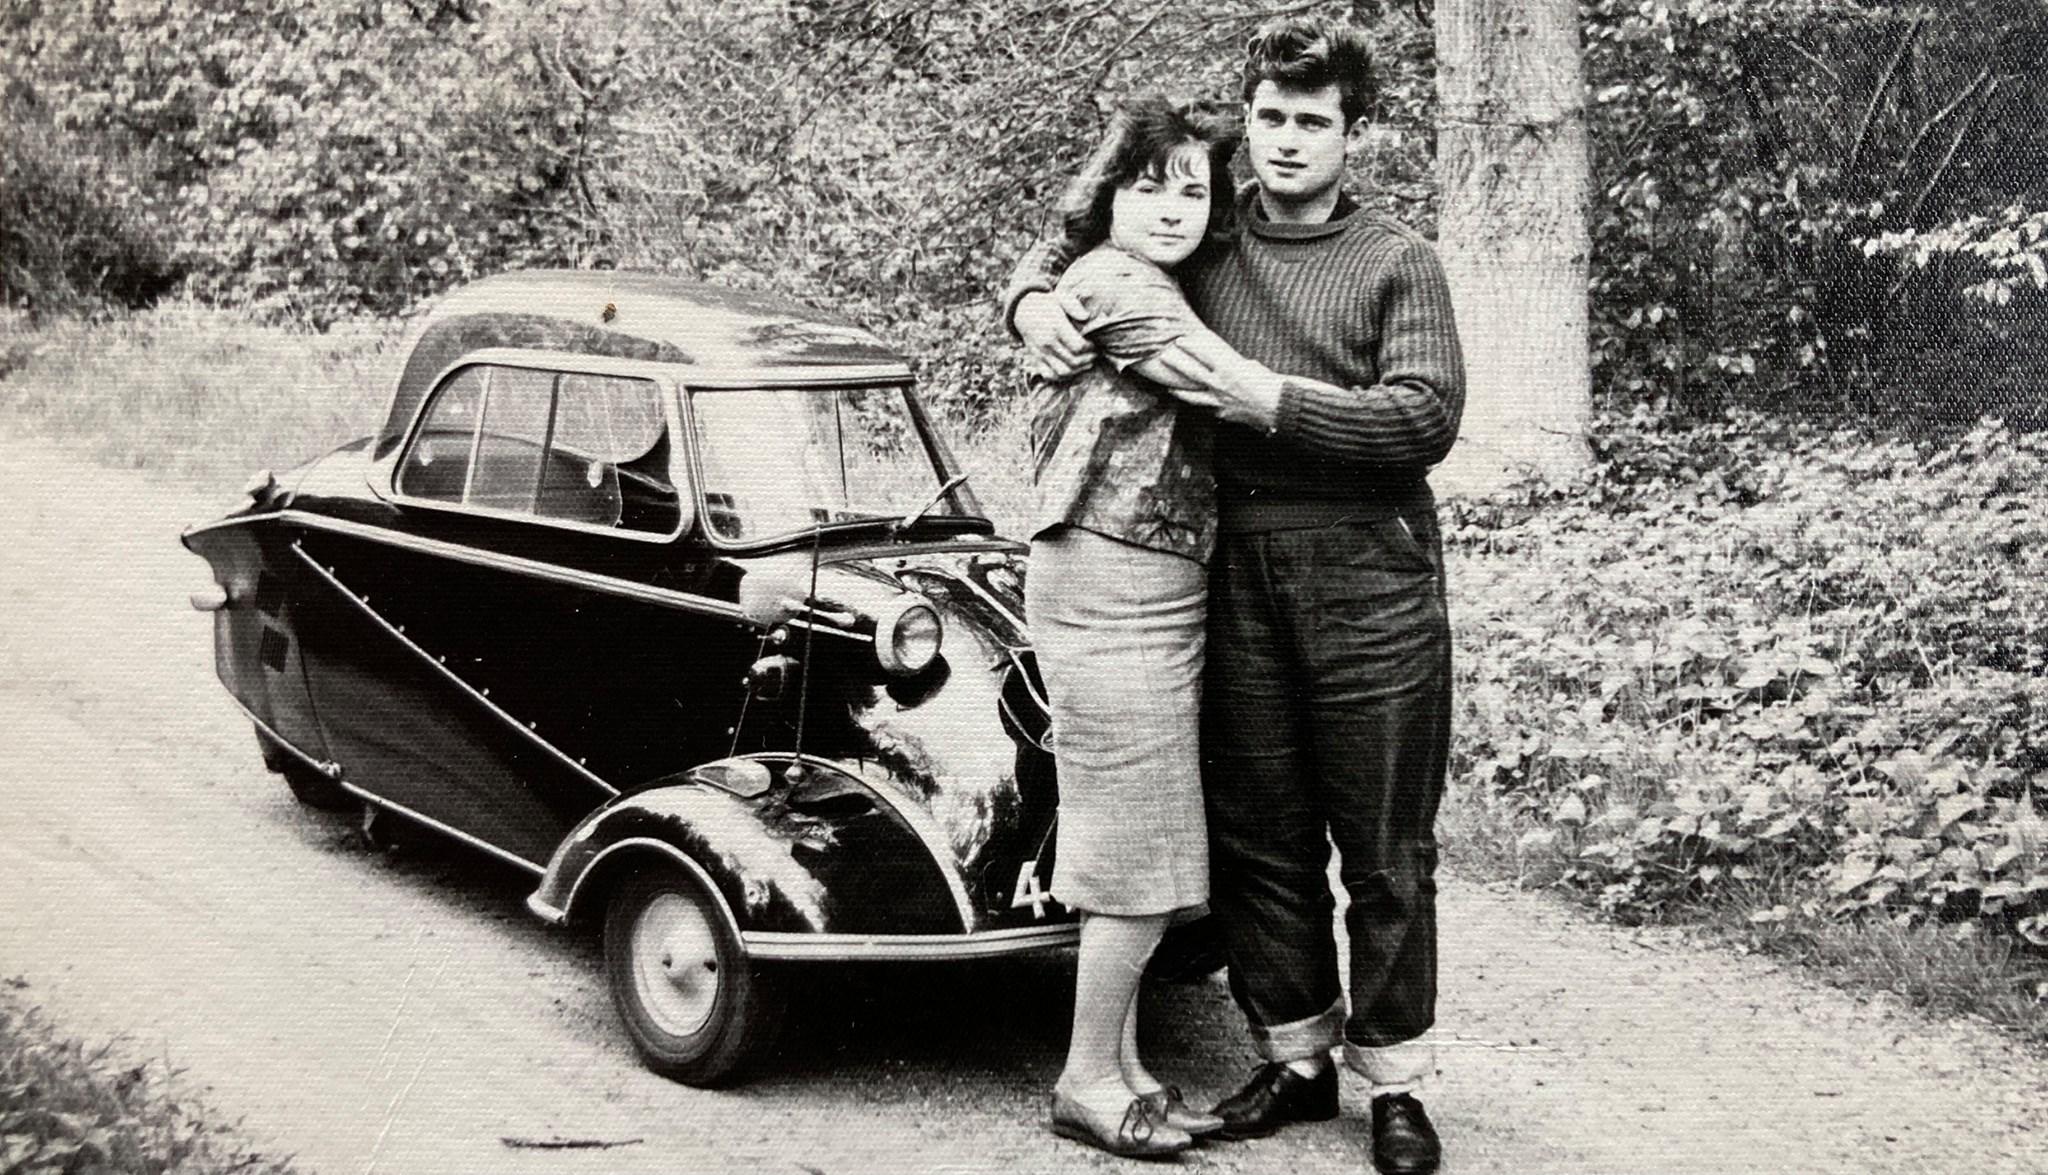 Mijn-ouders-1962-Fearnley-en-Susan-Lynn-mijn-vader-wordt-in-jullie-80-jaar-Foto-Andrew-Lynn-25-6-2021-(1)